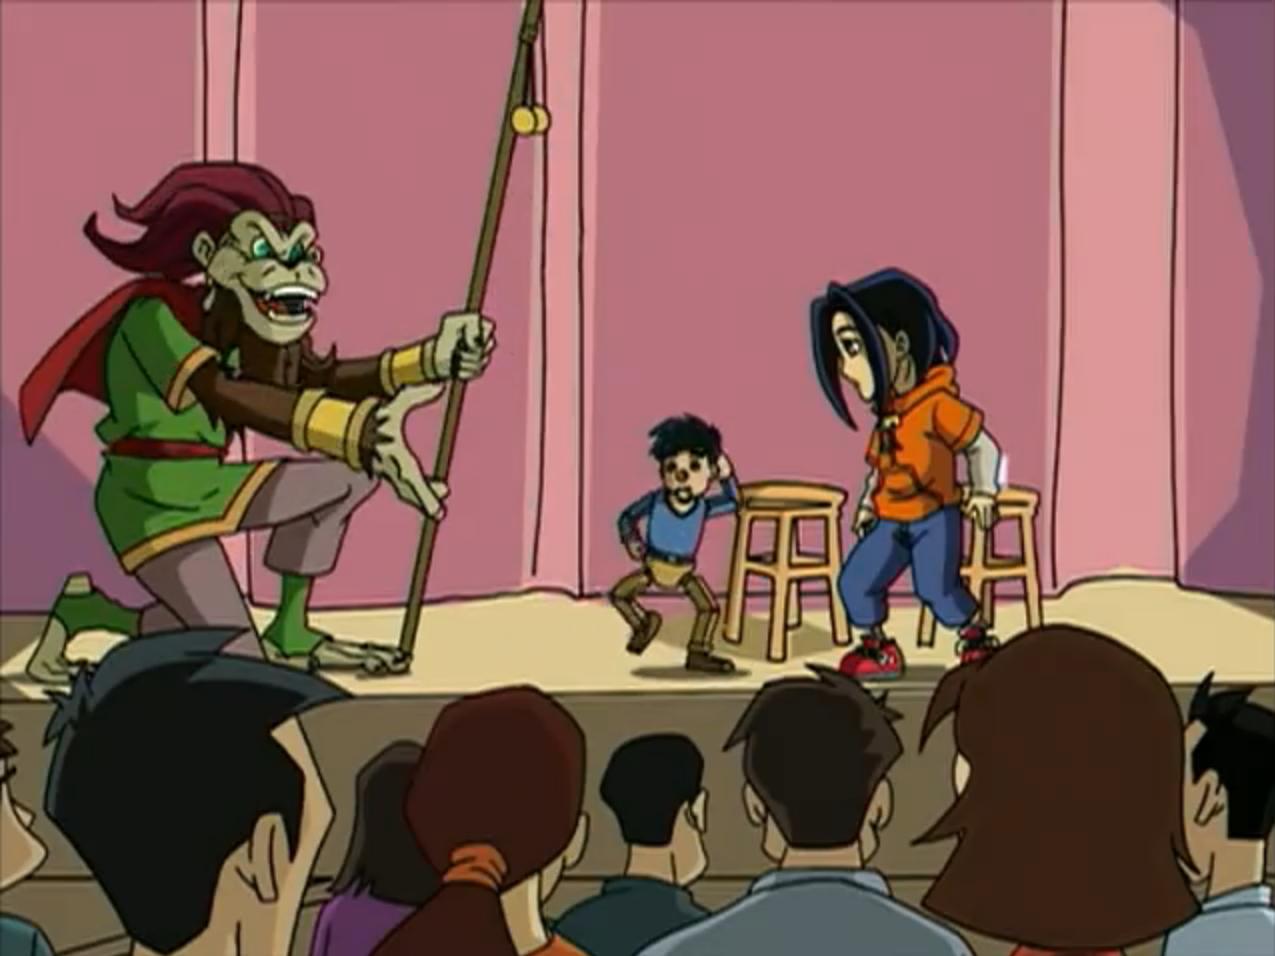 I'll Be a Monkey's Puppet